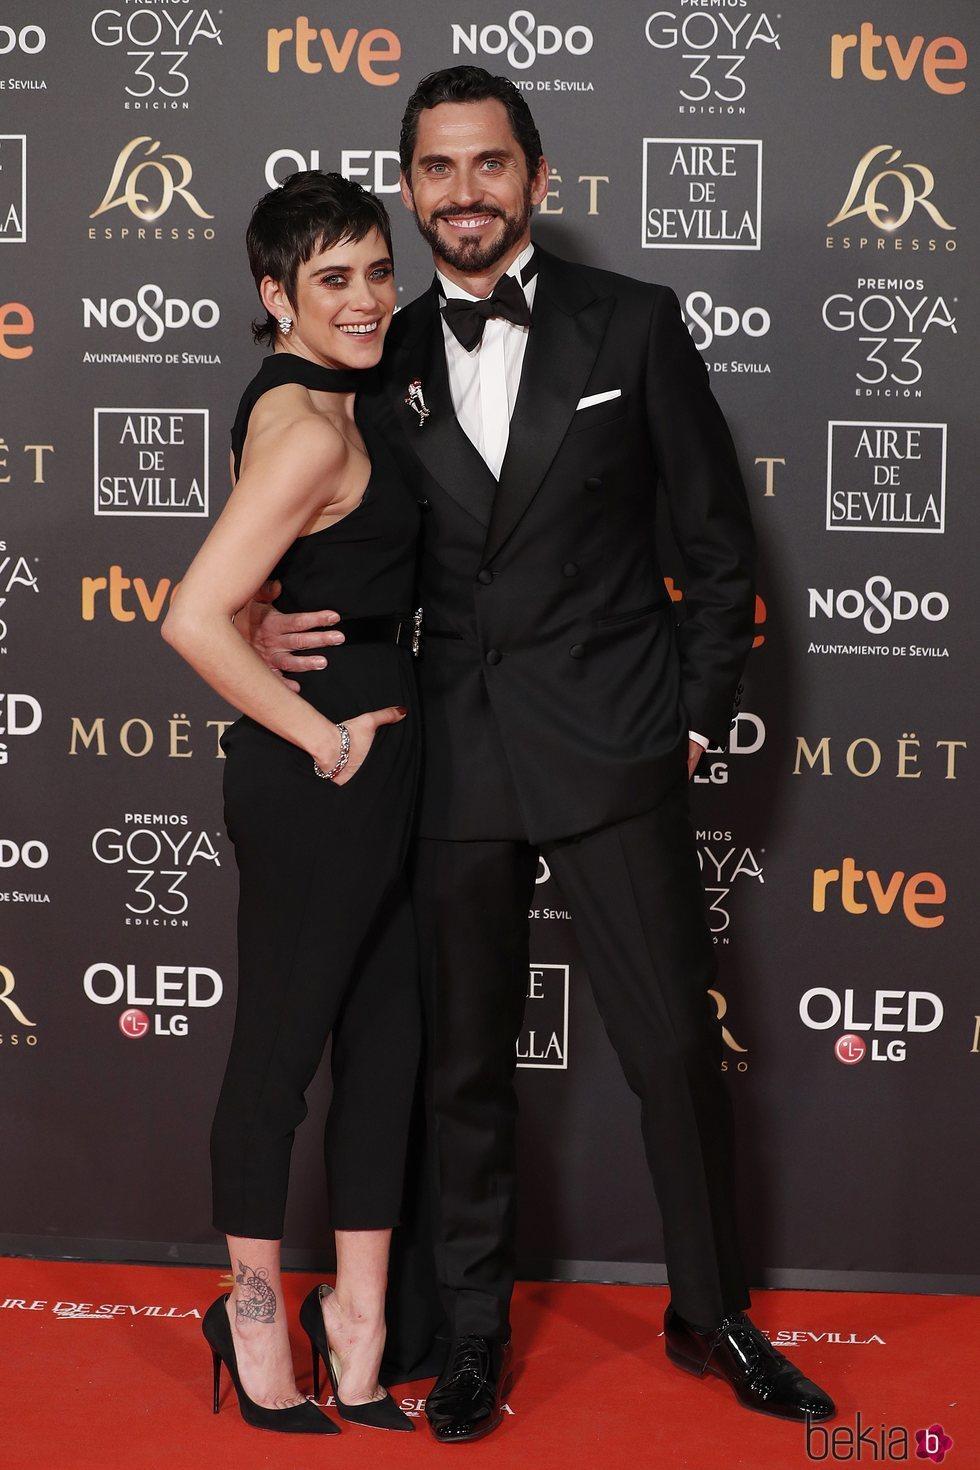 María y Paco León en la alfombra roja de los Premios Goya 2019